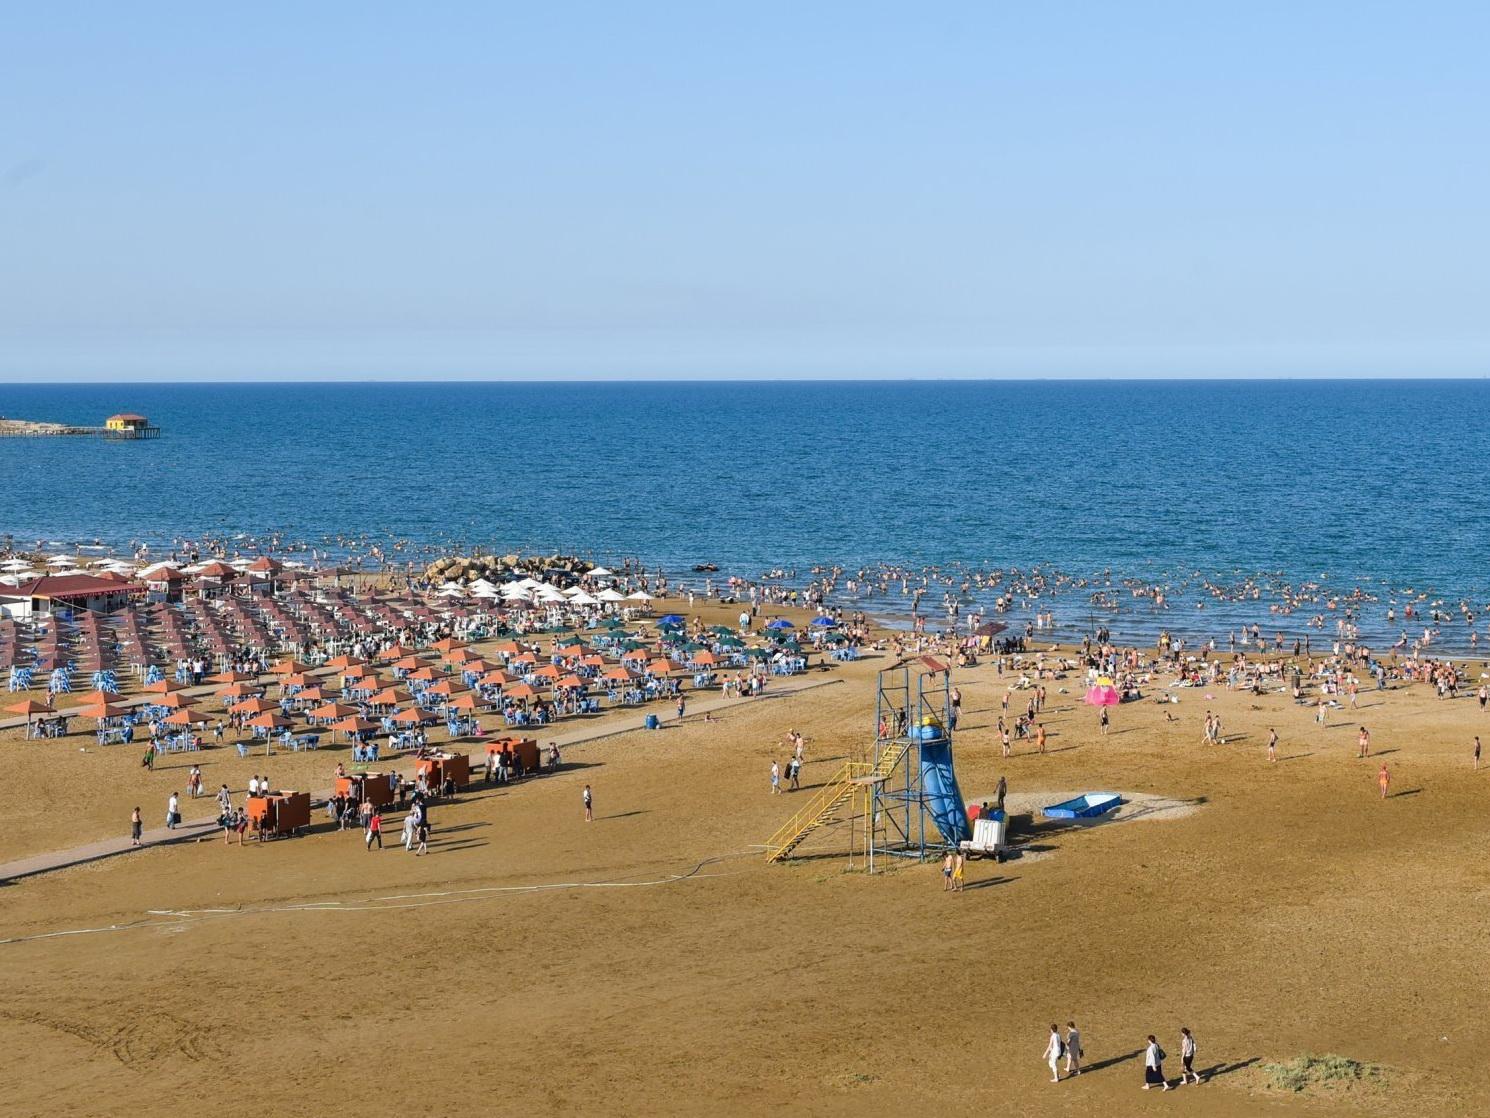 «Неисправимые»: Пляжные рэкетиры в Баку придумали оригинальные шлагбаумы специально для проверок ИВ